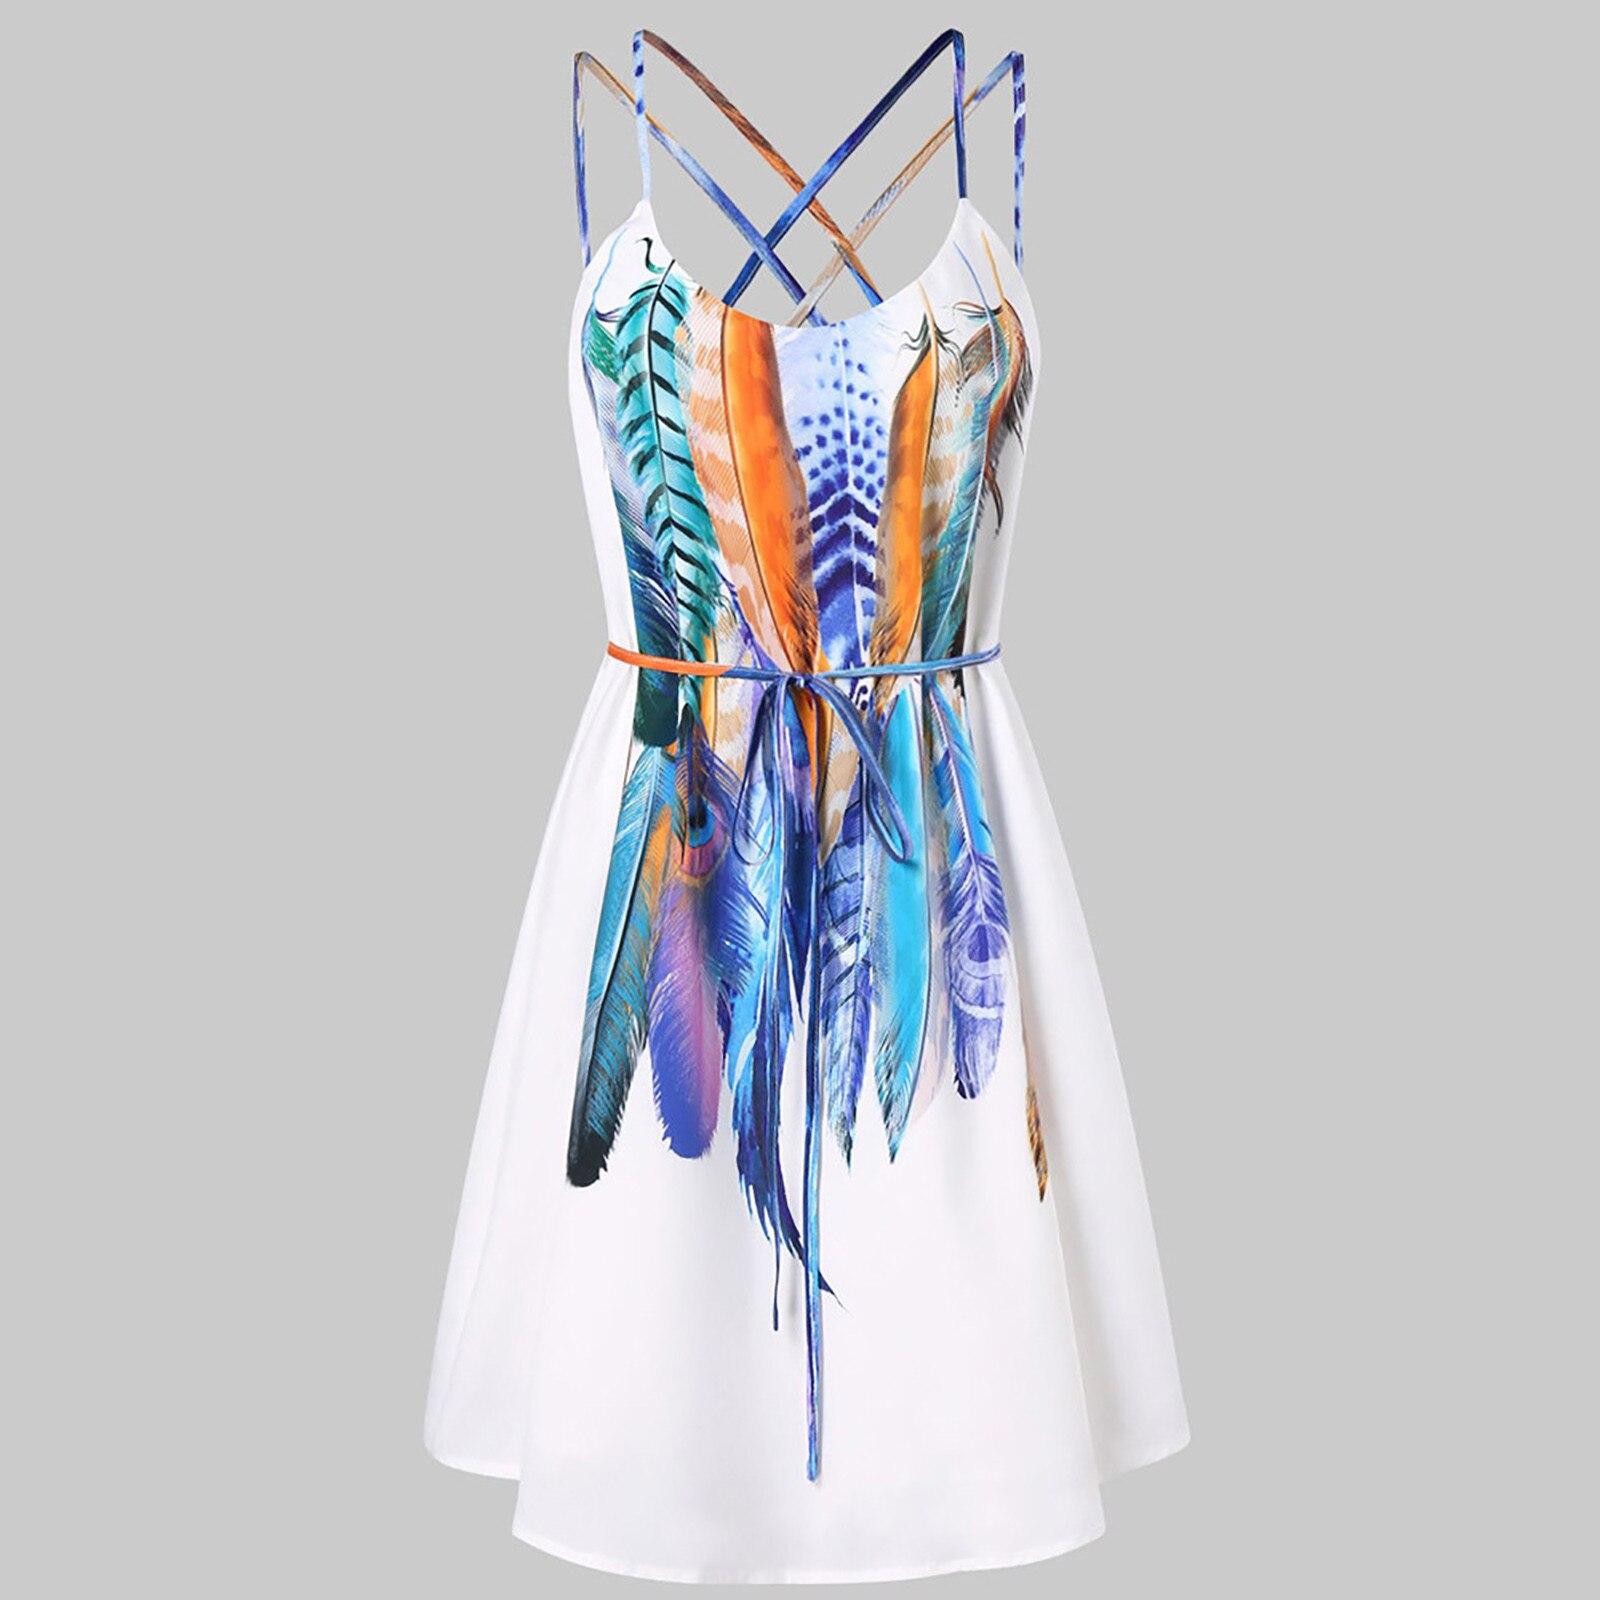 Women s Lantern Sleeve Solid Off Shoulder Long Sleeve Casual Dress vestido de mujer